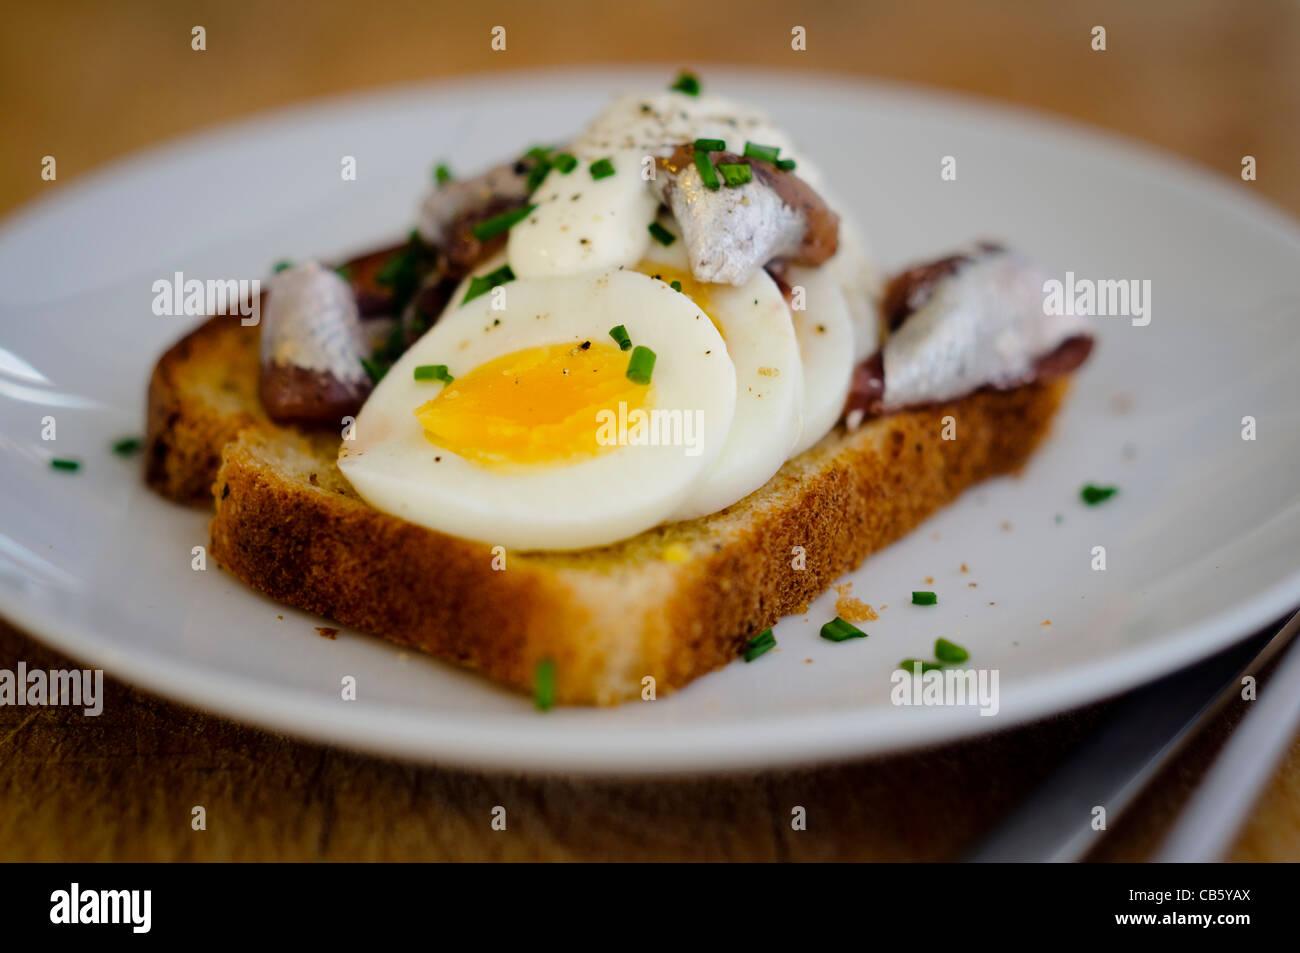 Un classique suédois ouvert avec des tranches de sandwich oeufs durs, en conserve, garni d'anchois marinés Photo Stock